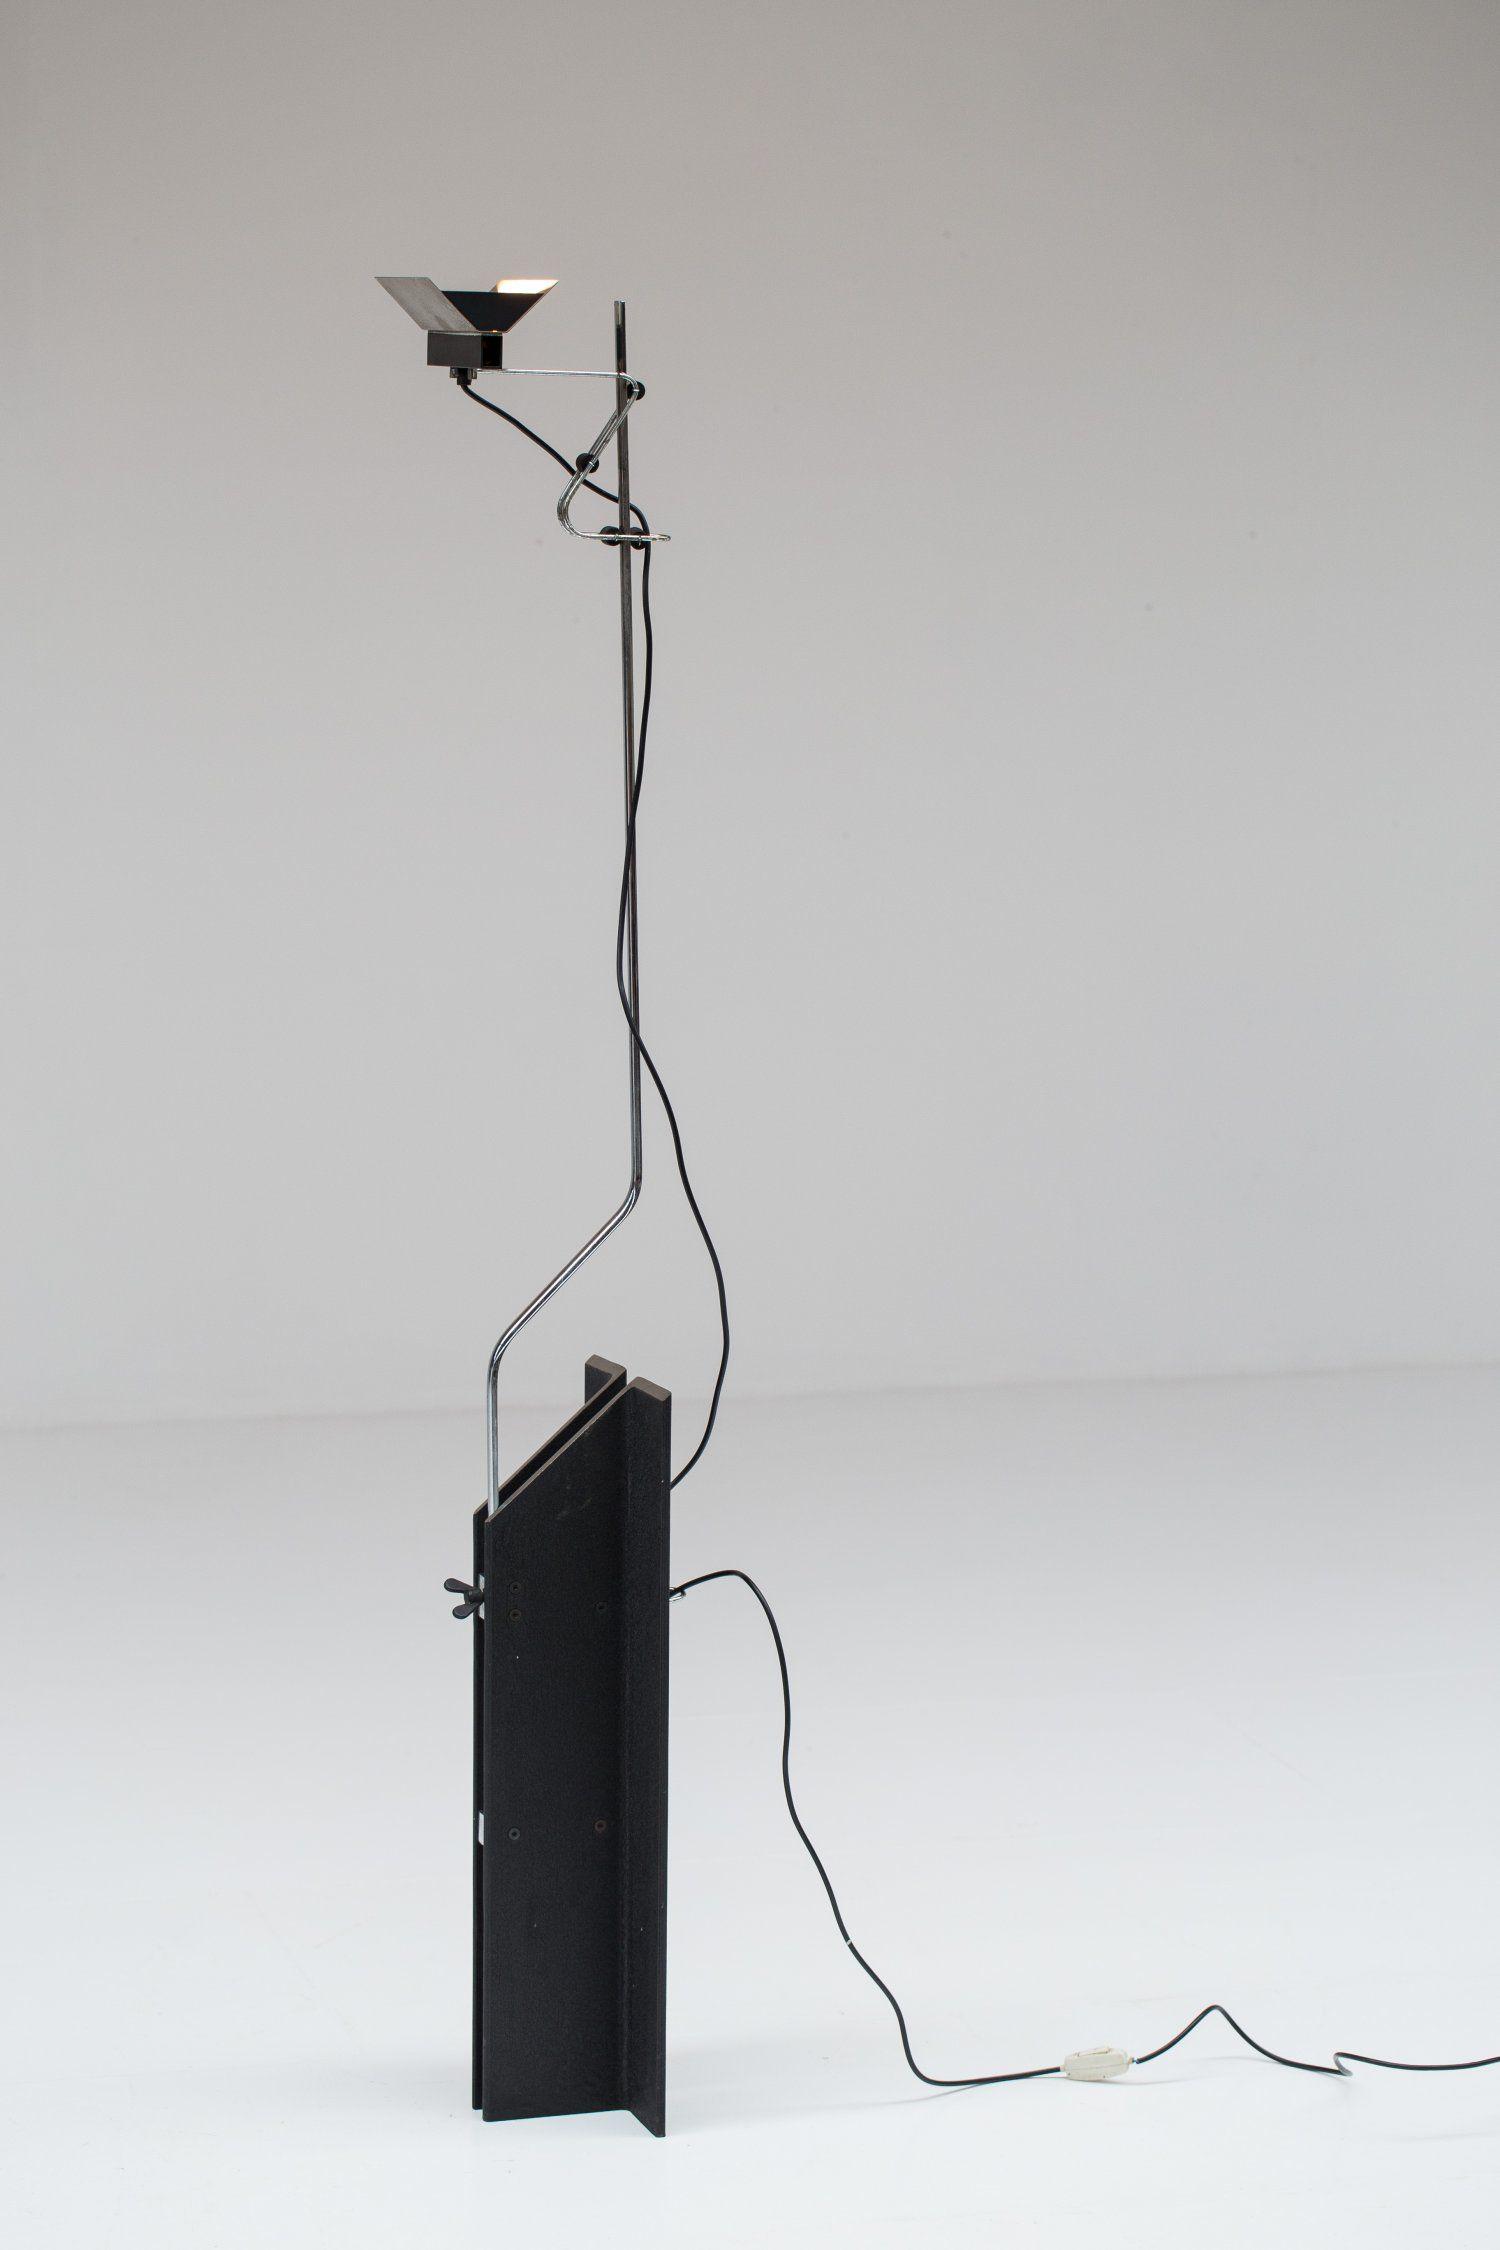 rare floor lamp design ennio chiggio 1968 [ 1500 x 2250 Pixel ]